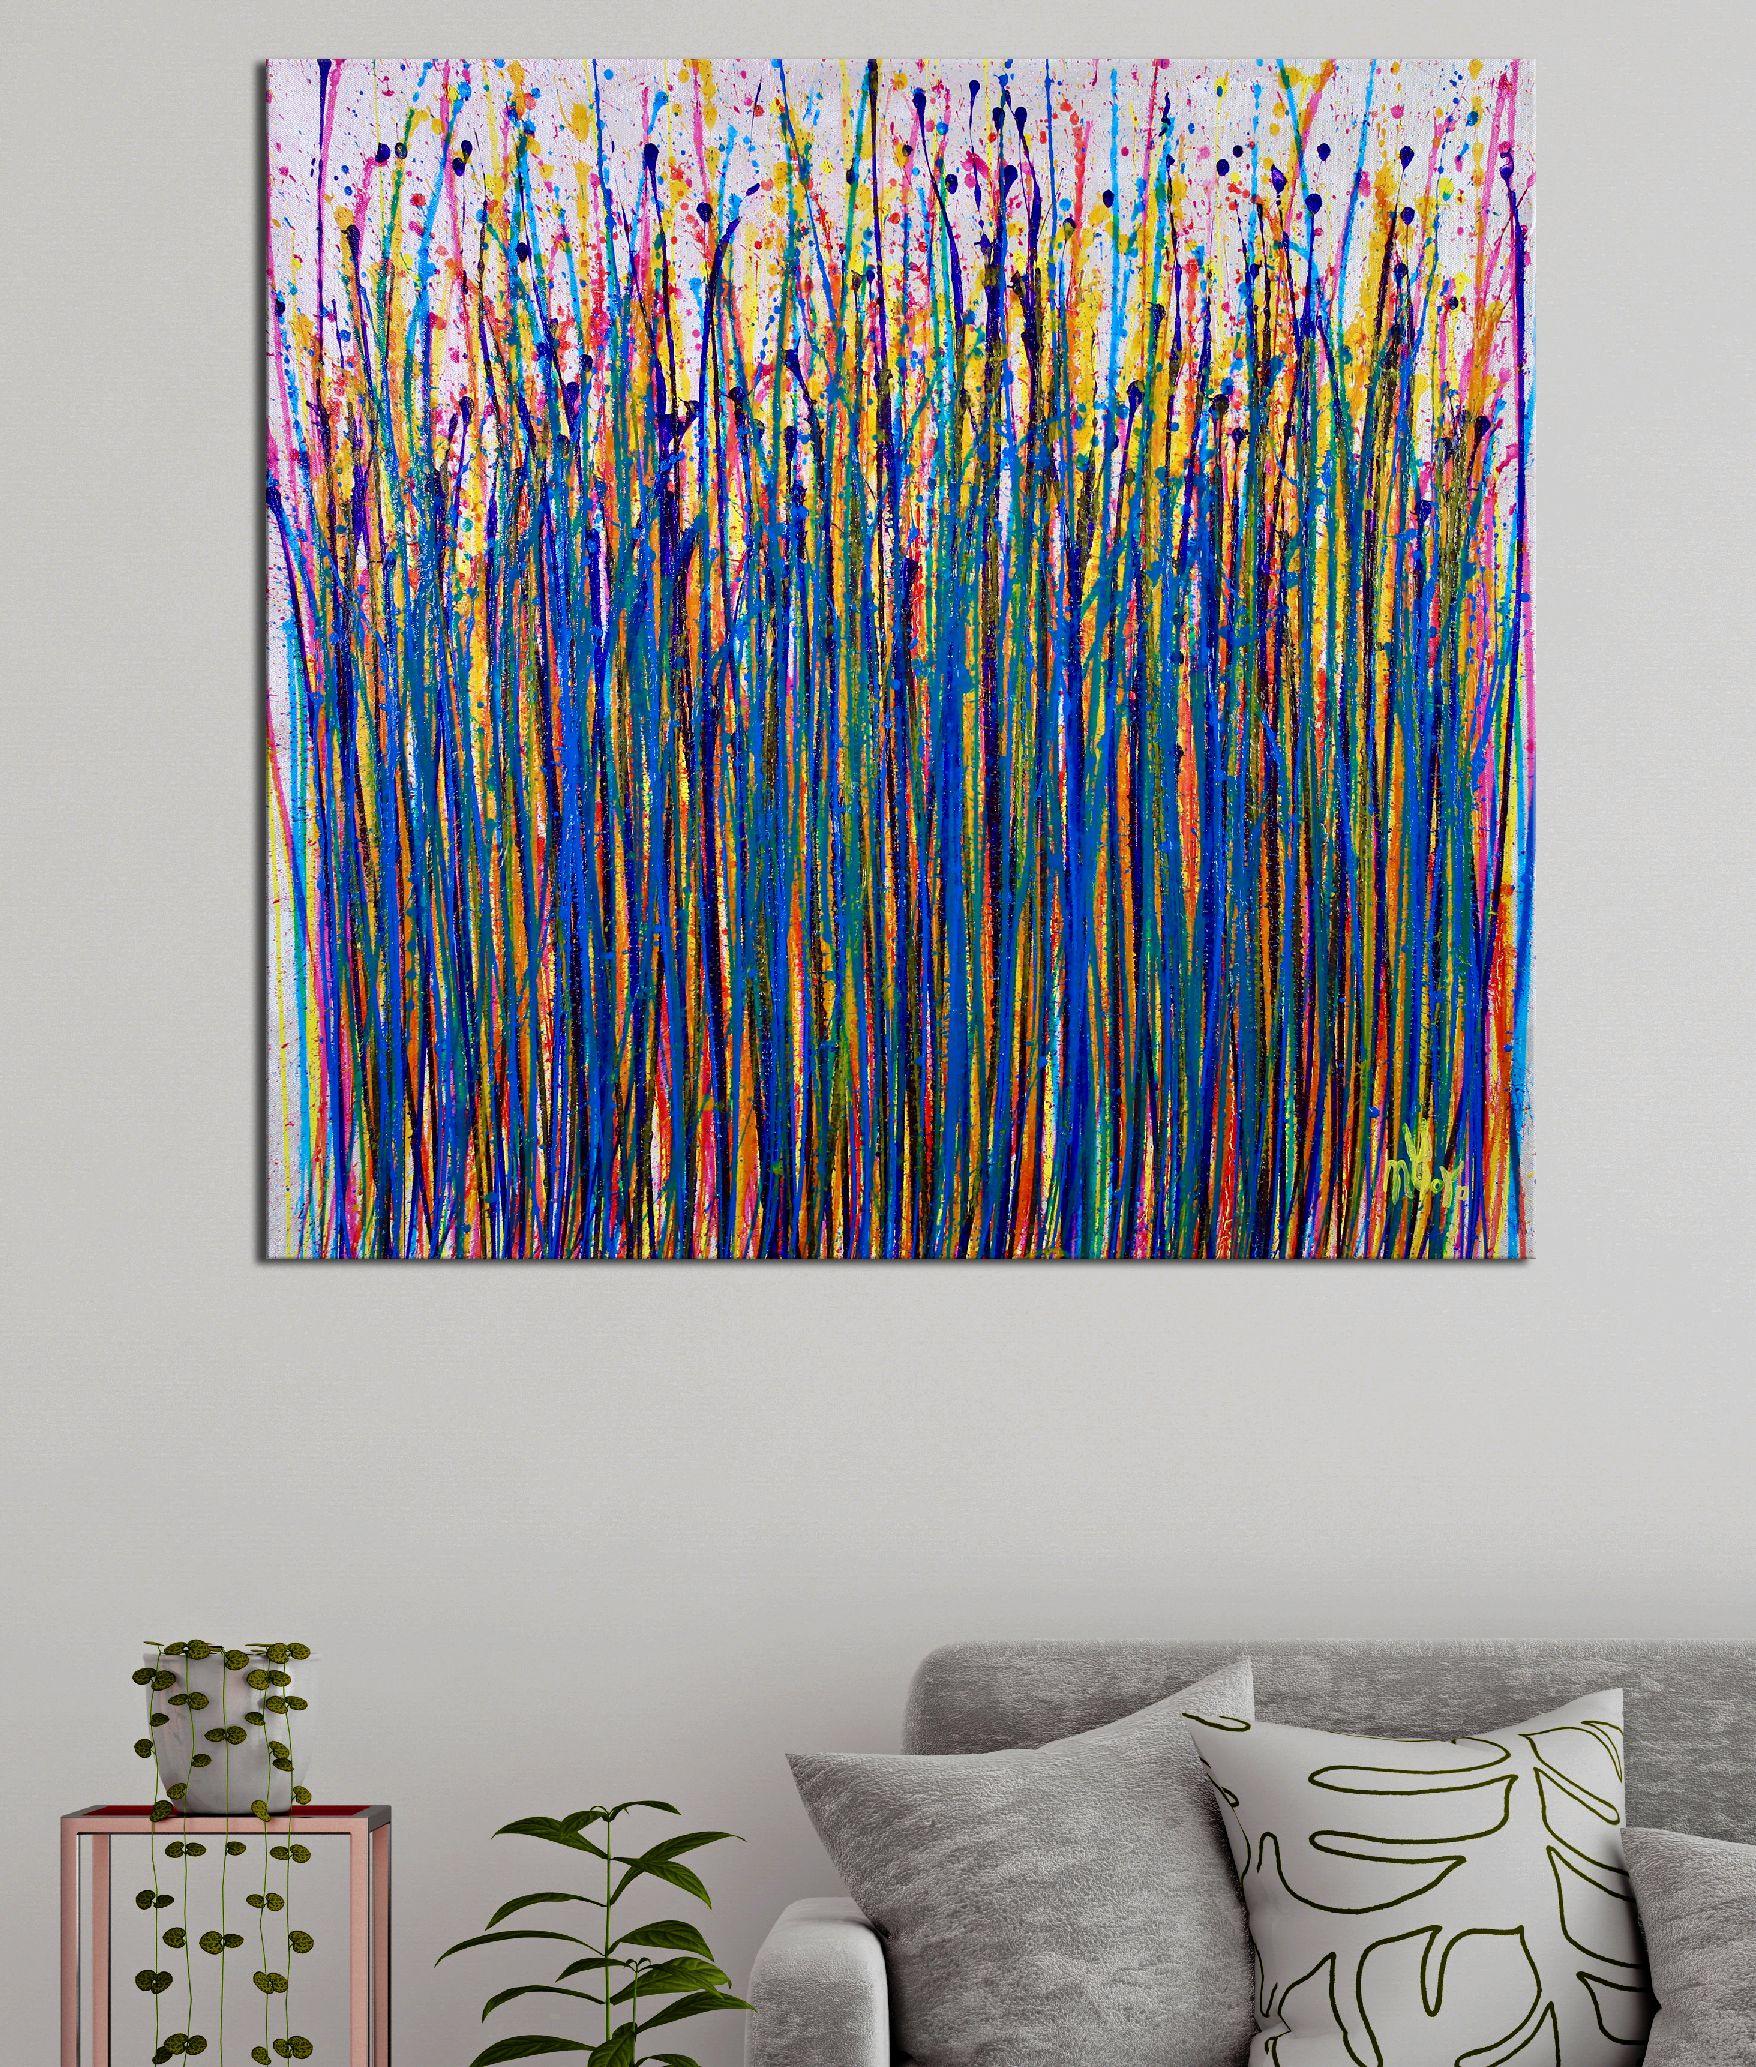 Blooming Garden (Flow Spectra) by Nestor Toro